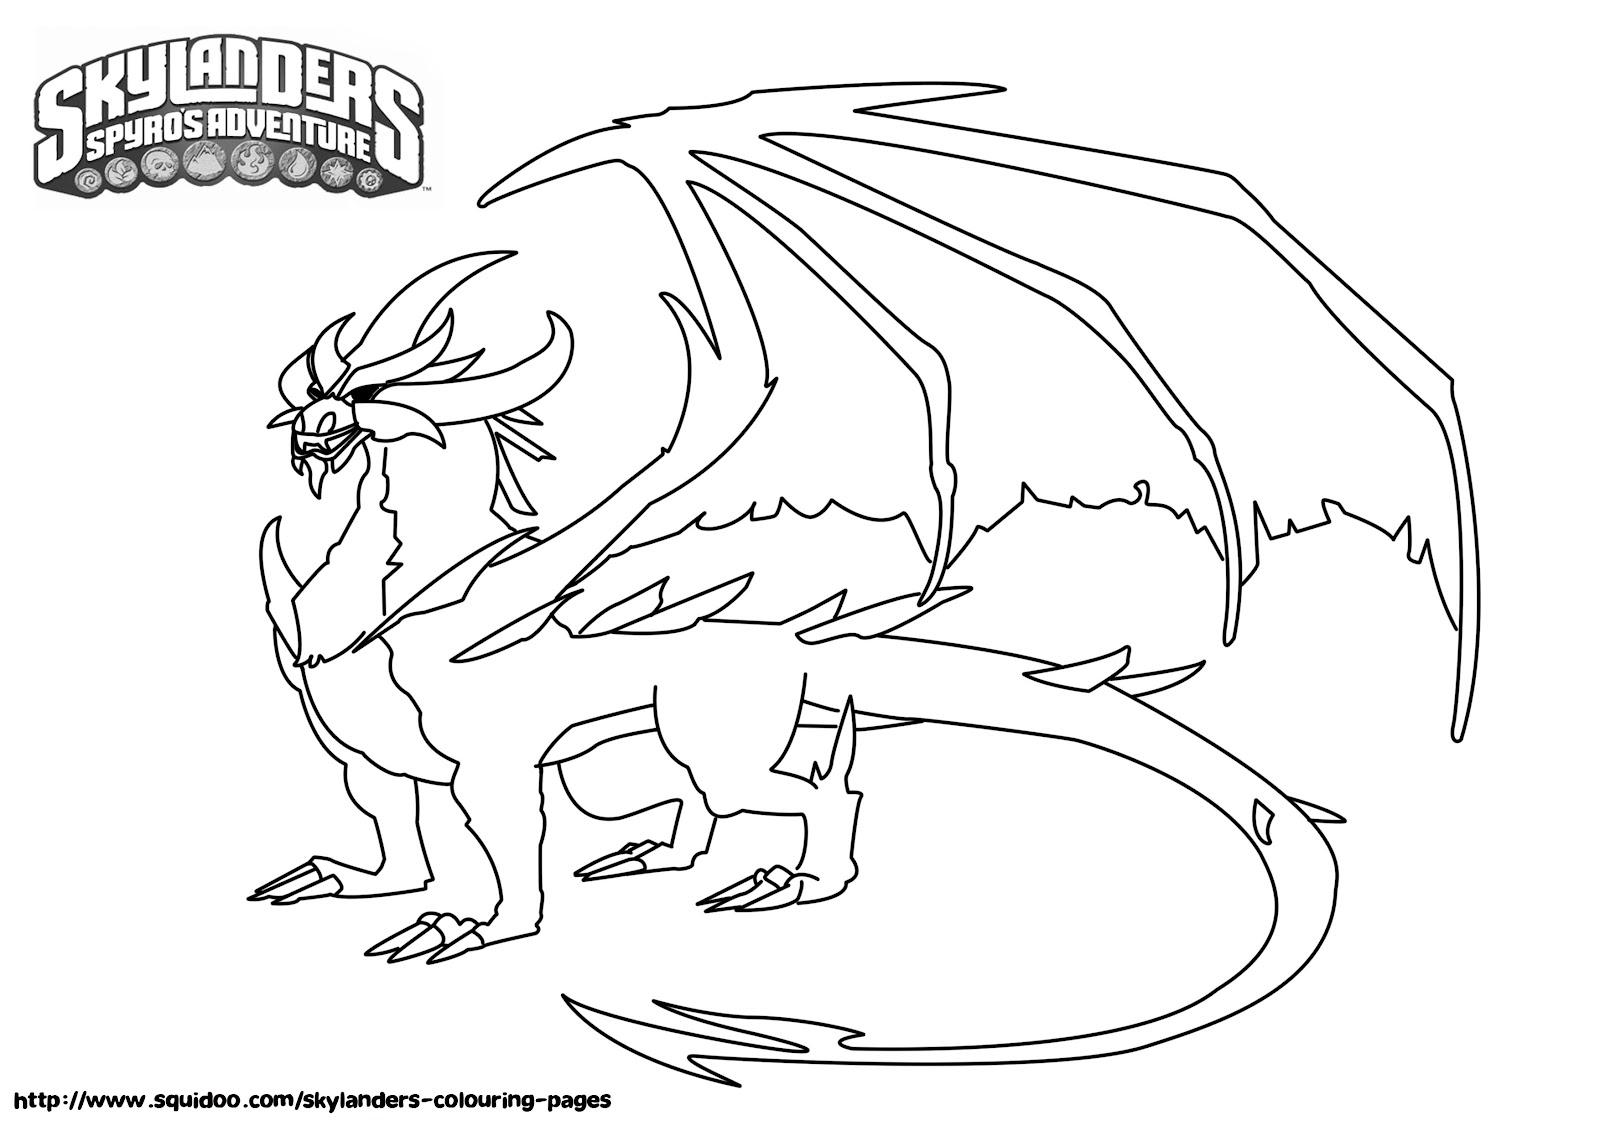 skylanders spyro coloring pages - skylanders cynder free coloring pages